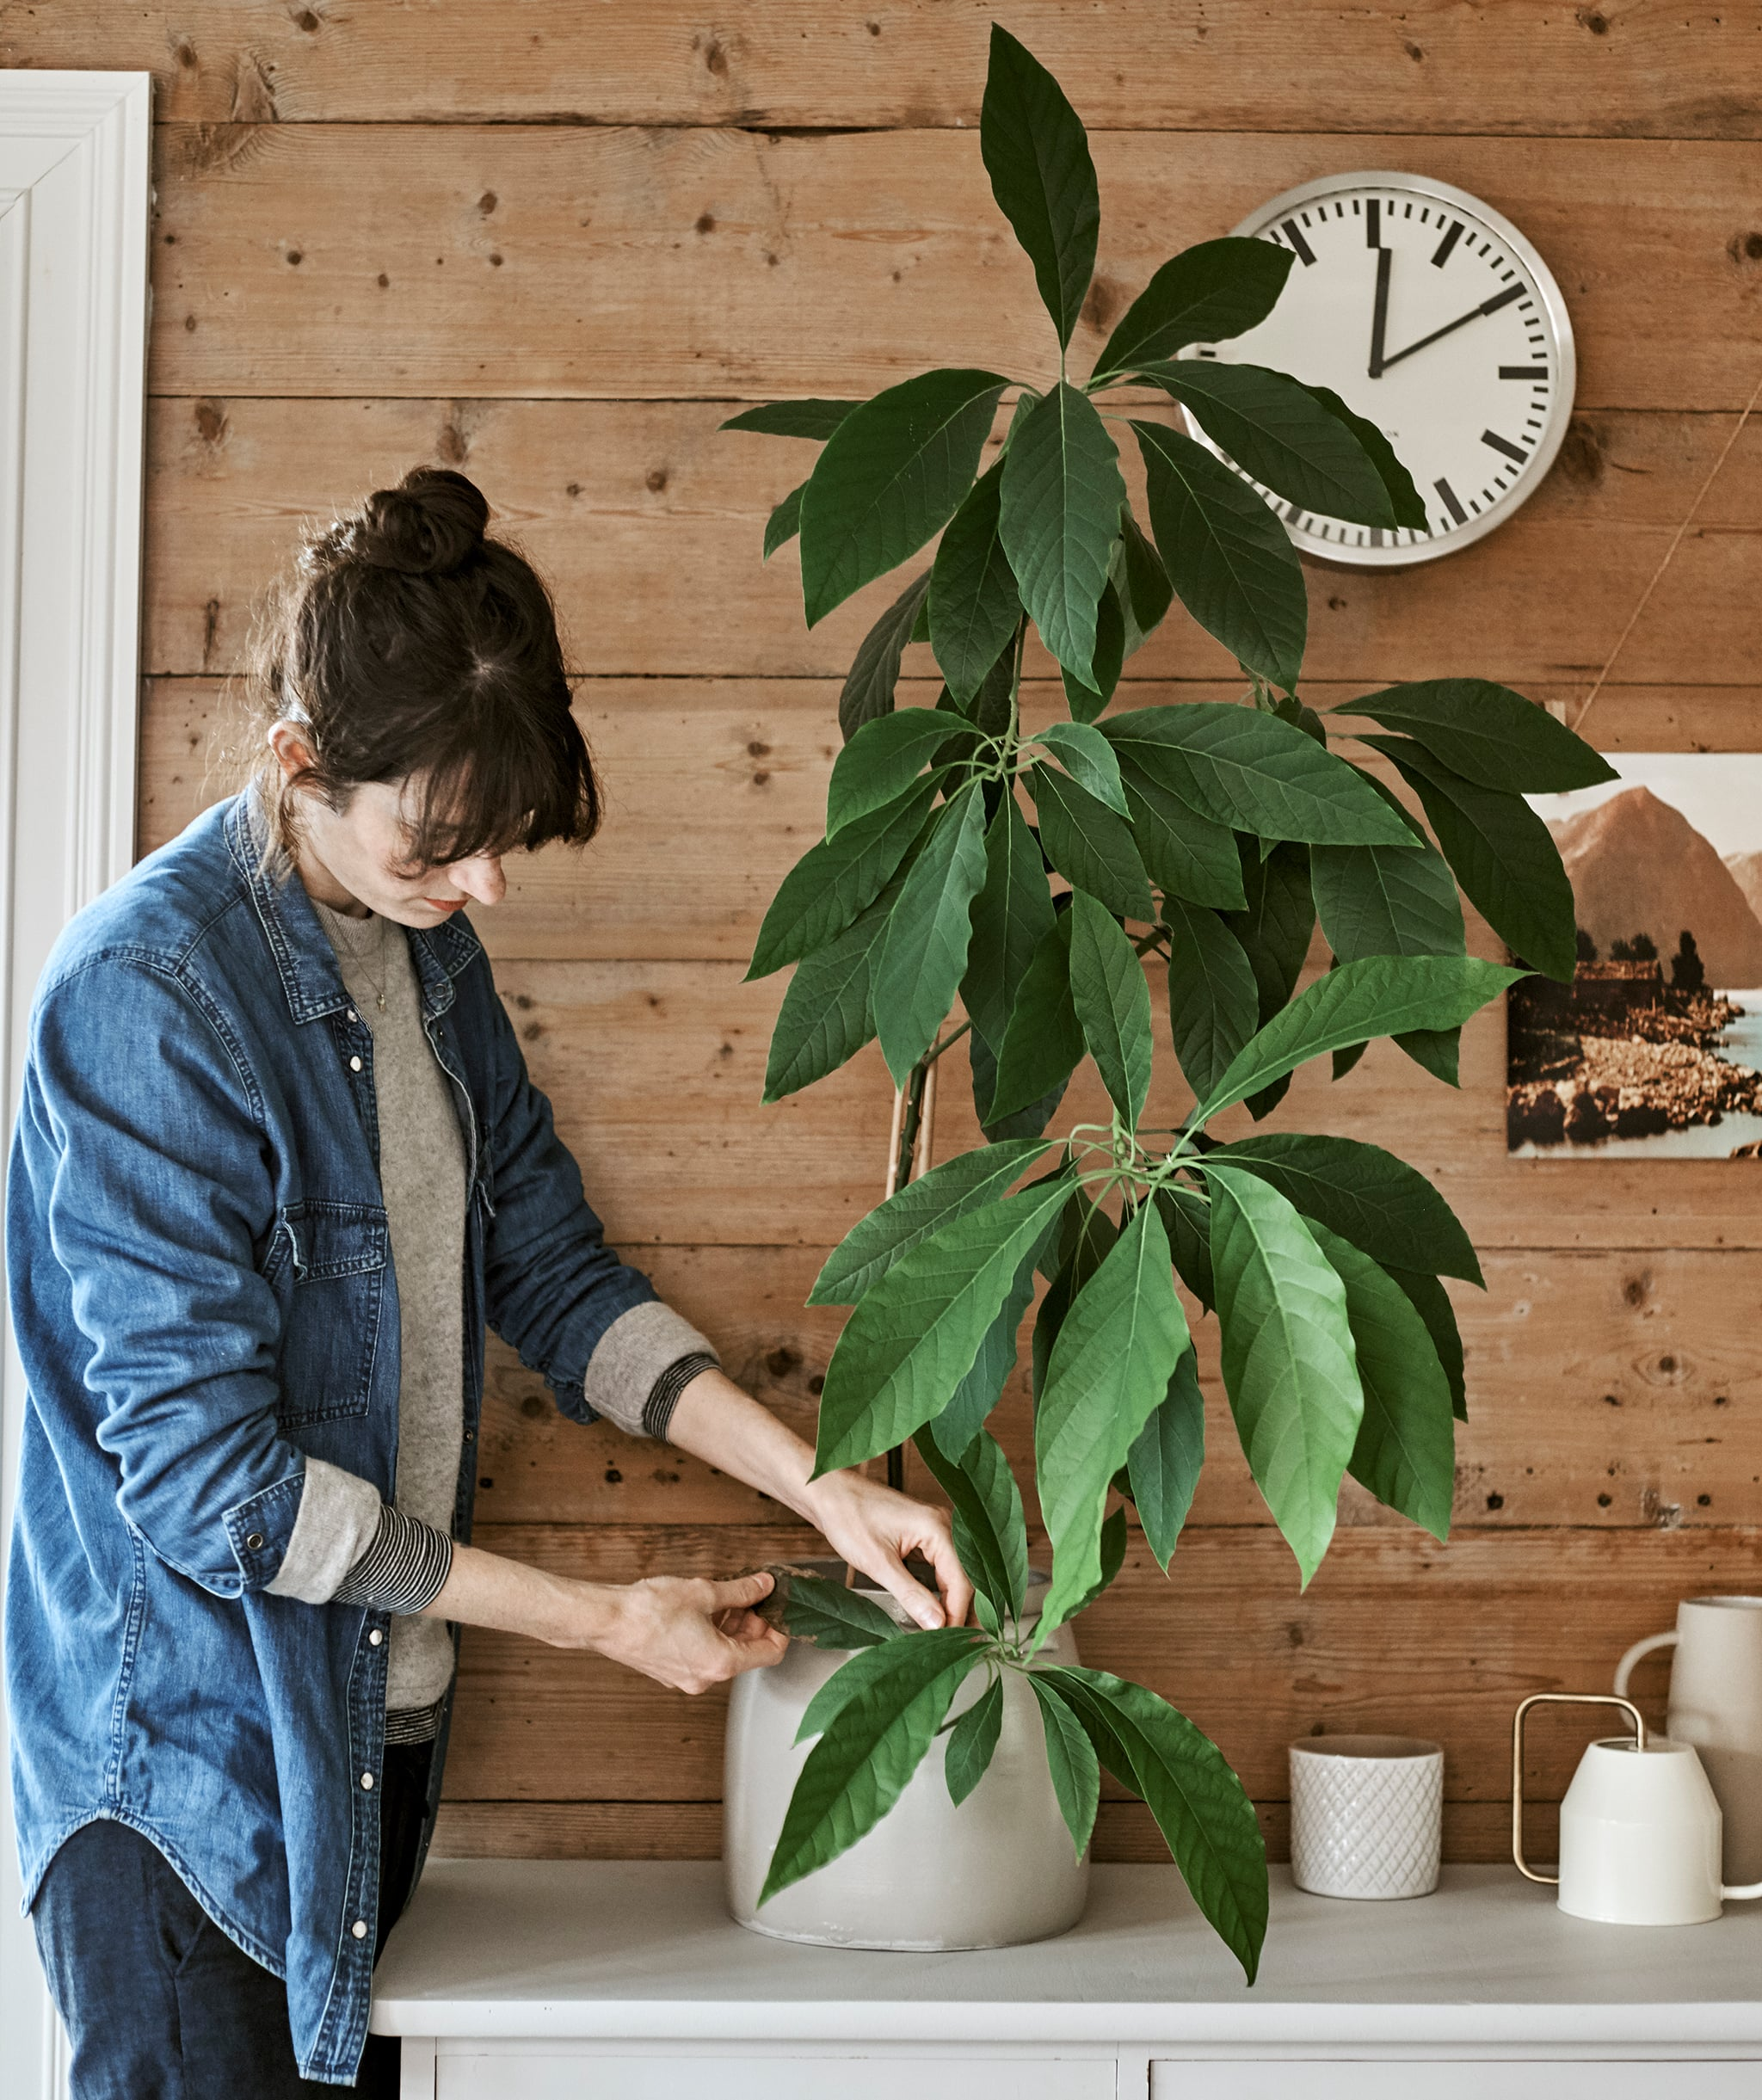 Seorang wanita mengecek daun tanaman di sebuah pot warna putih yang terletak di atas kabinet yang terletak di dinding kayu dengan sebuah jam.